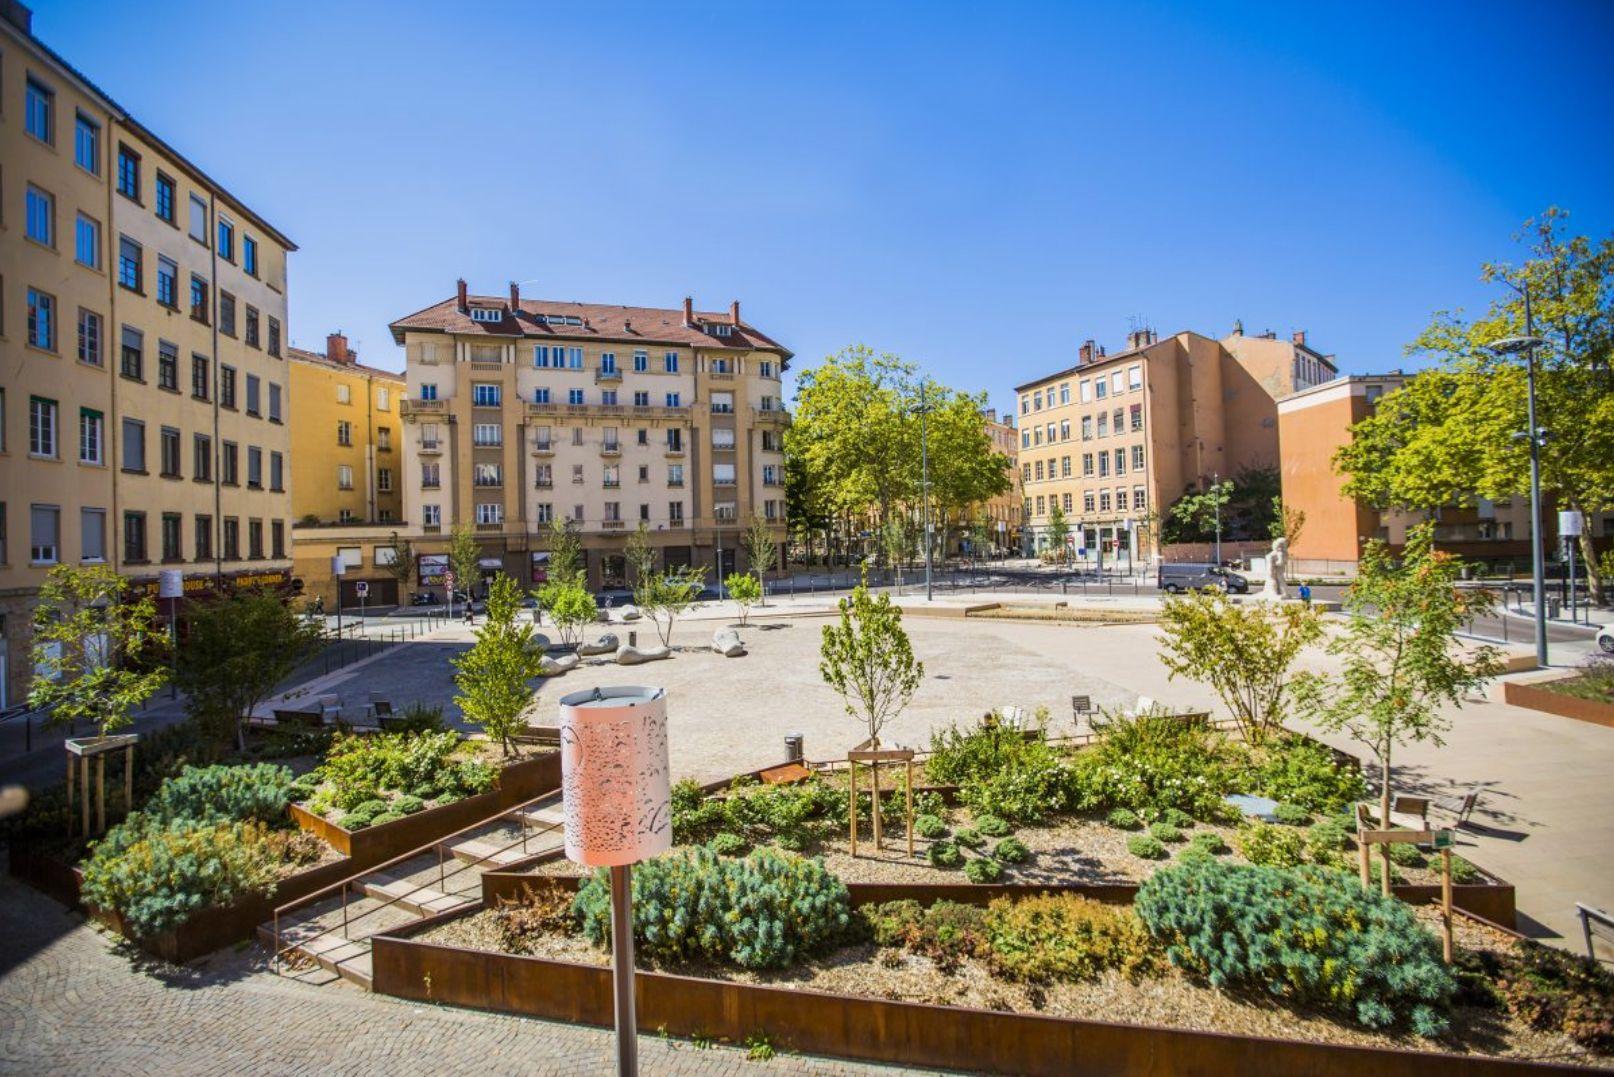 projet atelier villes paysages